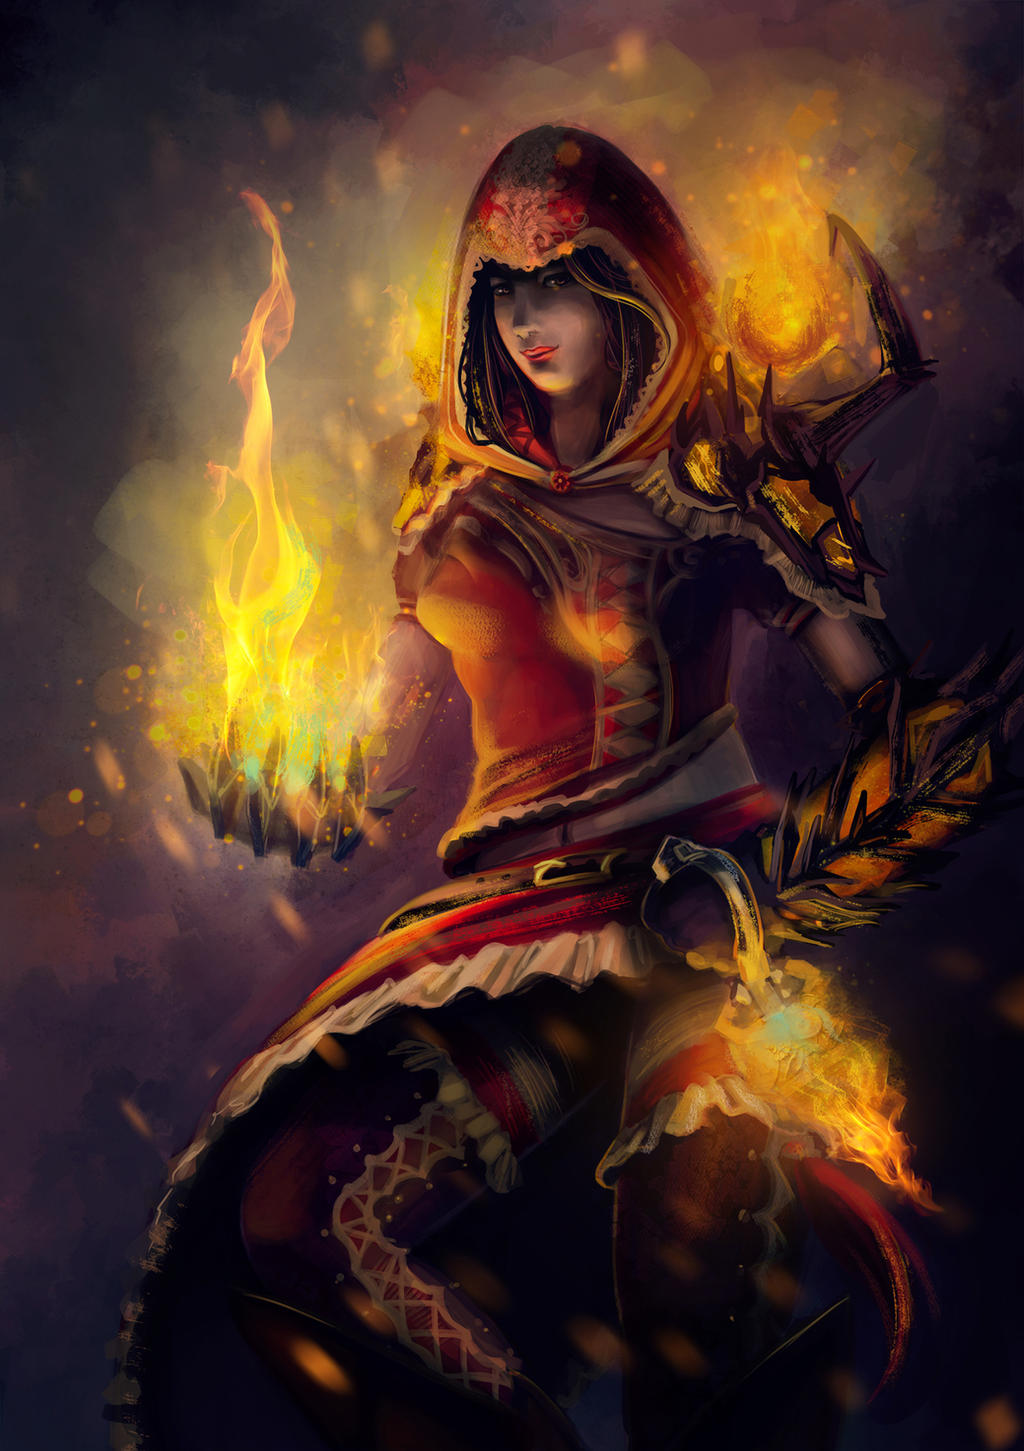 Guild Wars 2 - Elementalist by Scarlia on DeviantArt